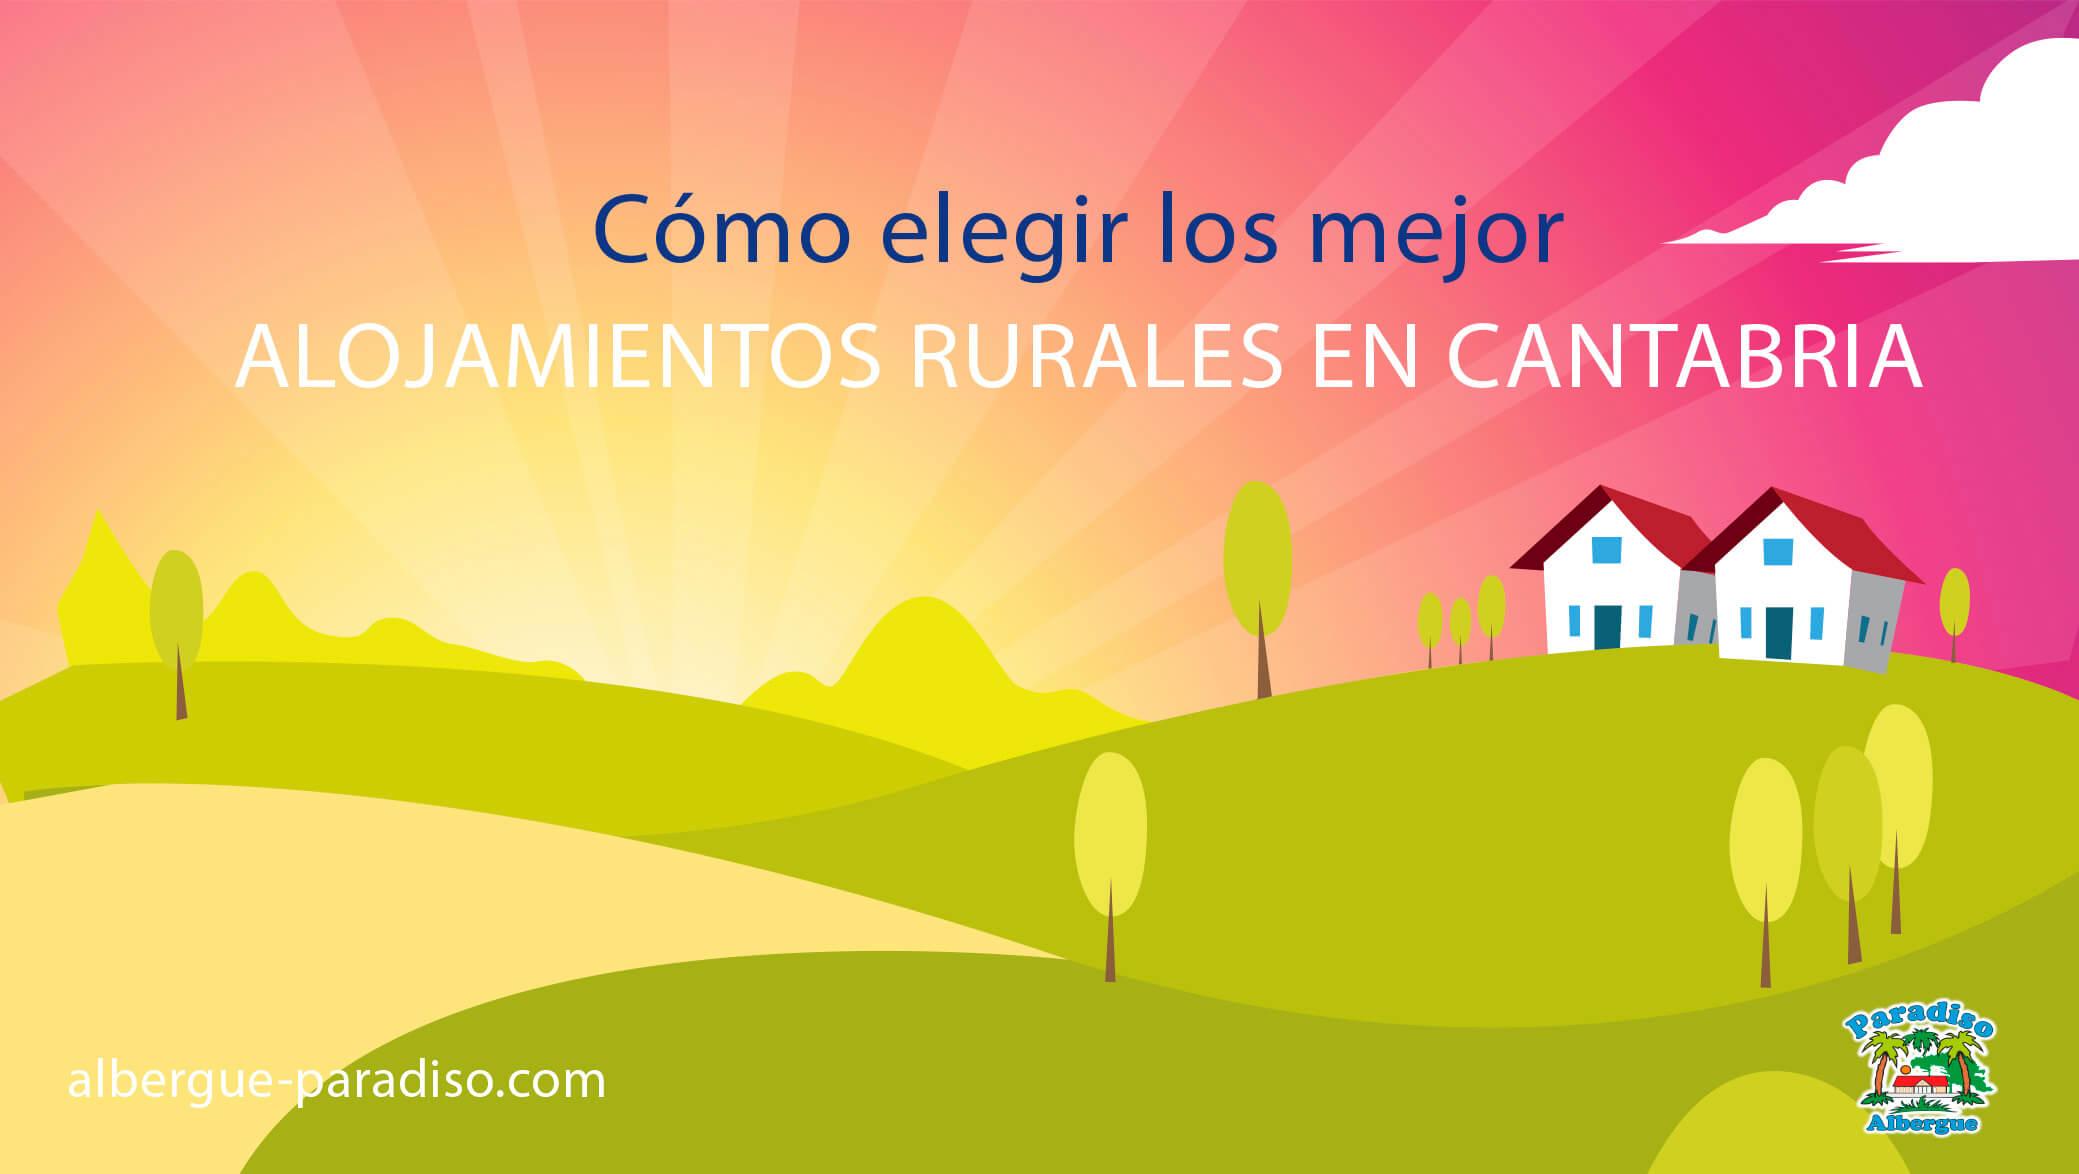 alojamientos rurales en cantabria